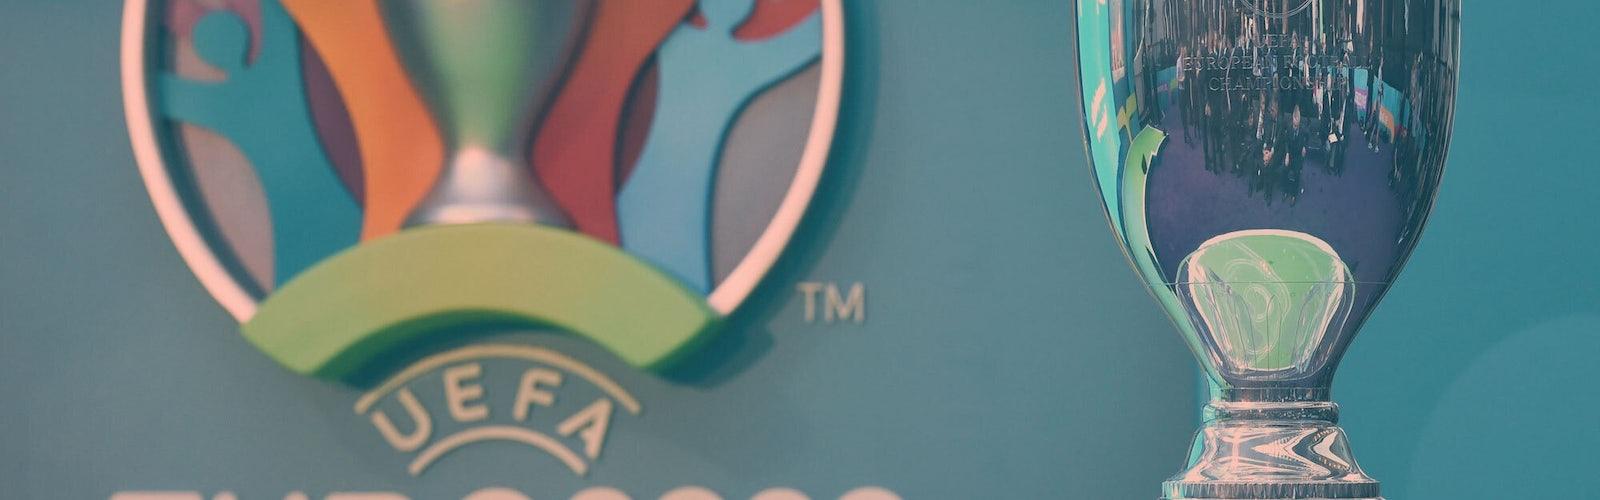 Jalkapallon EM 2021 vedonlyonti